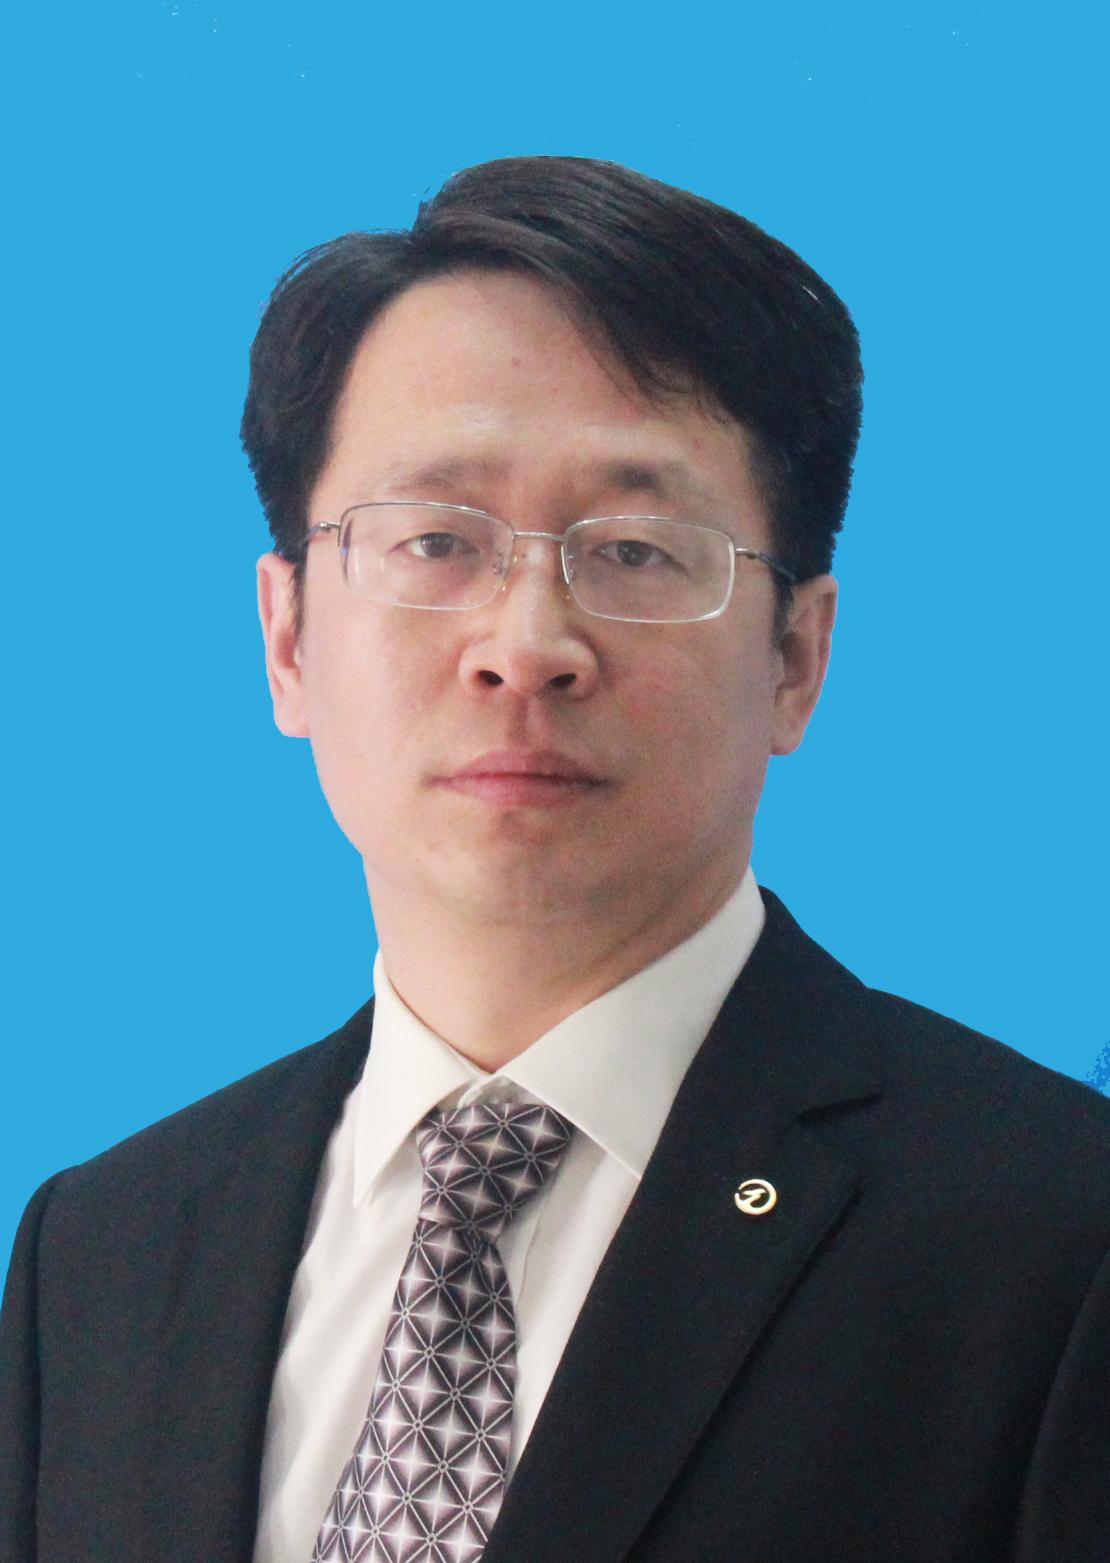 姜涛  副主任医师,医学硕士